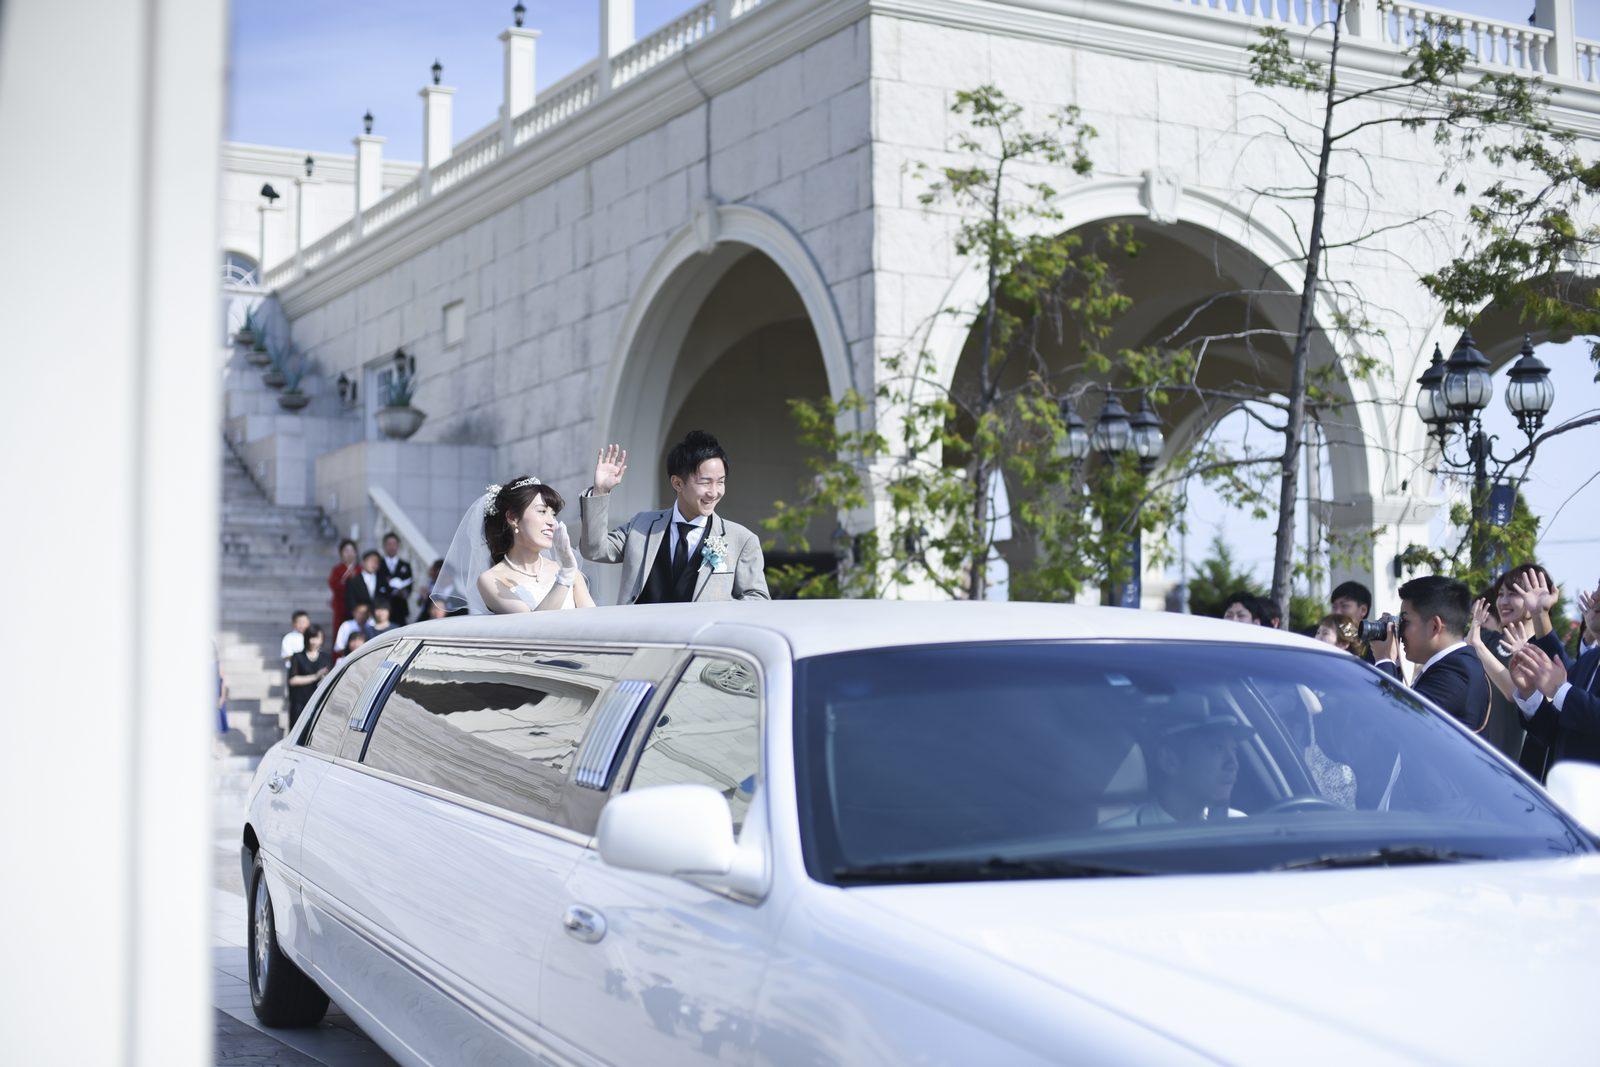 香川県の結婚式場シェルエメール&アイスタイル 大階段のリムジン退場